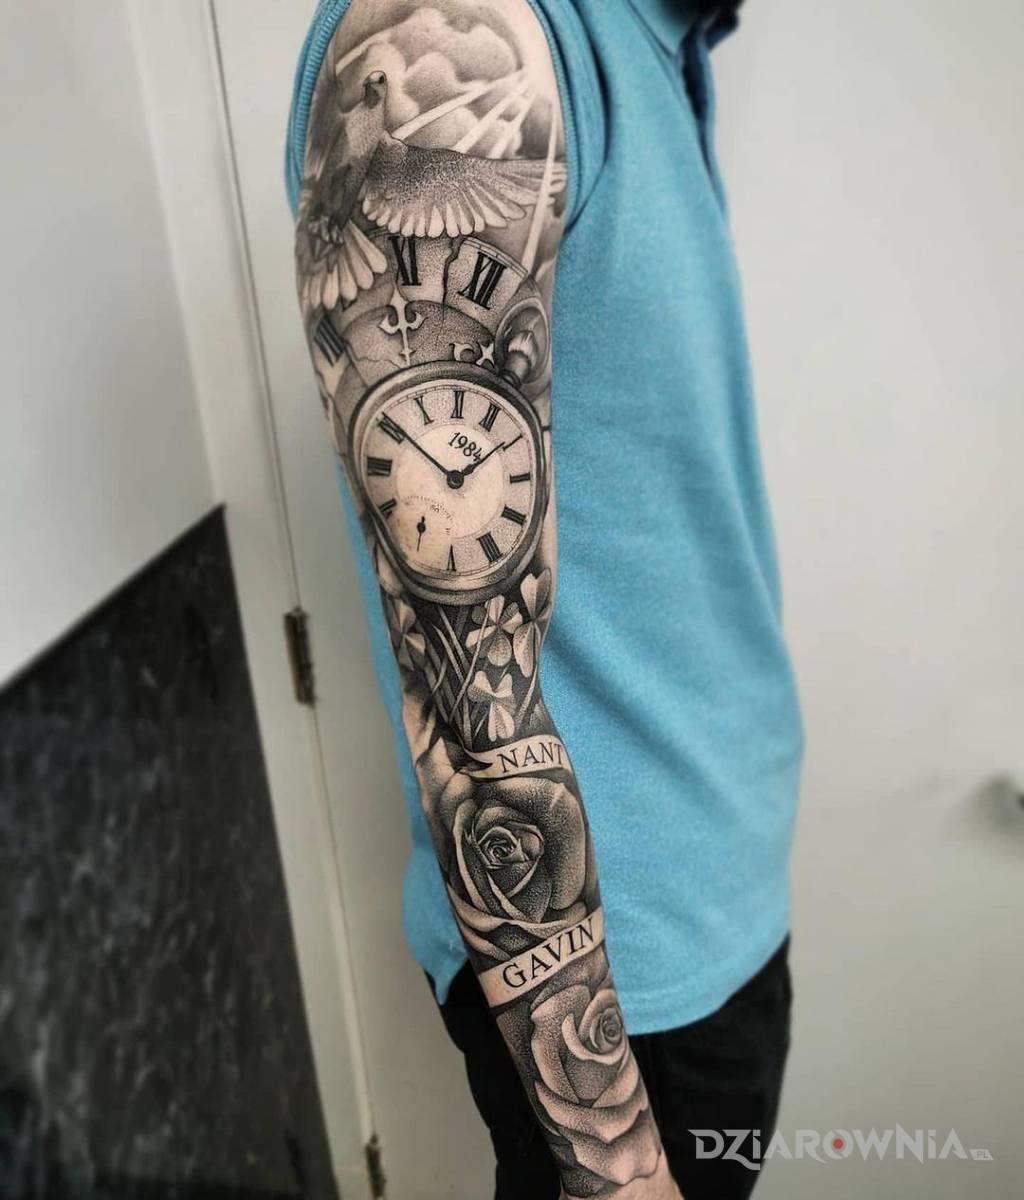 Tatuaze Zegar Wzory I Galeria Dziarownia Pl